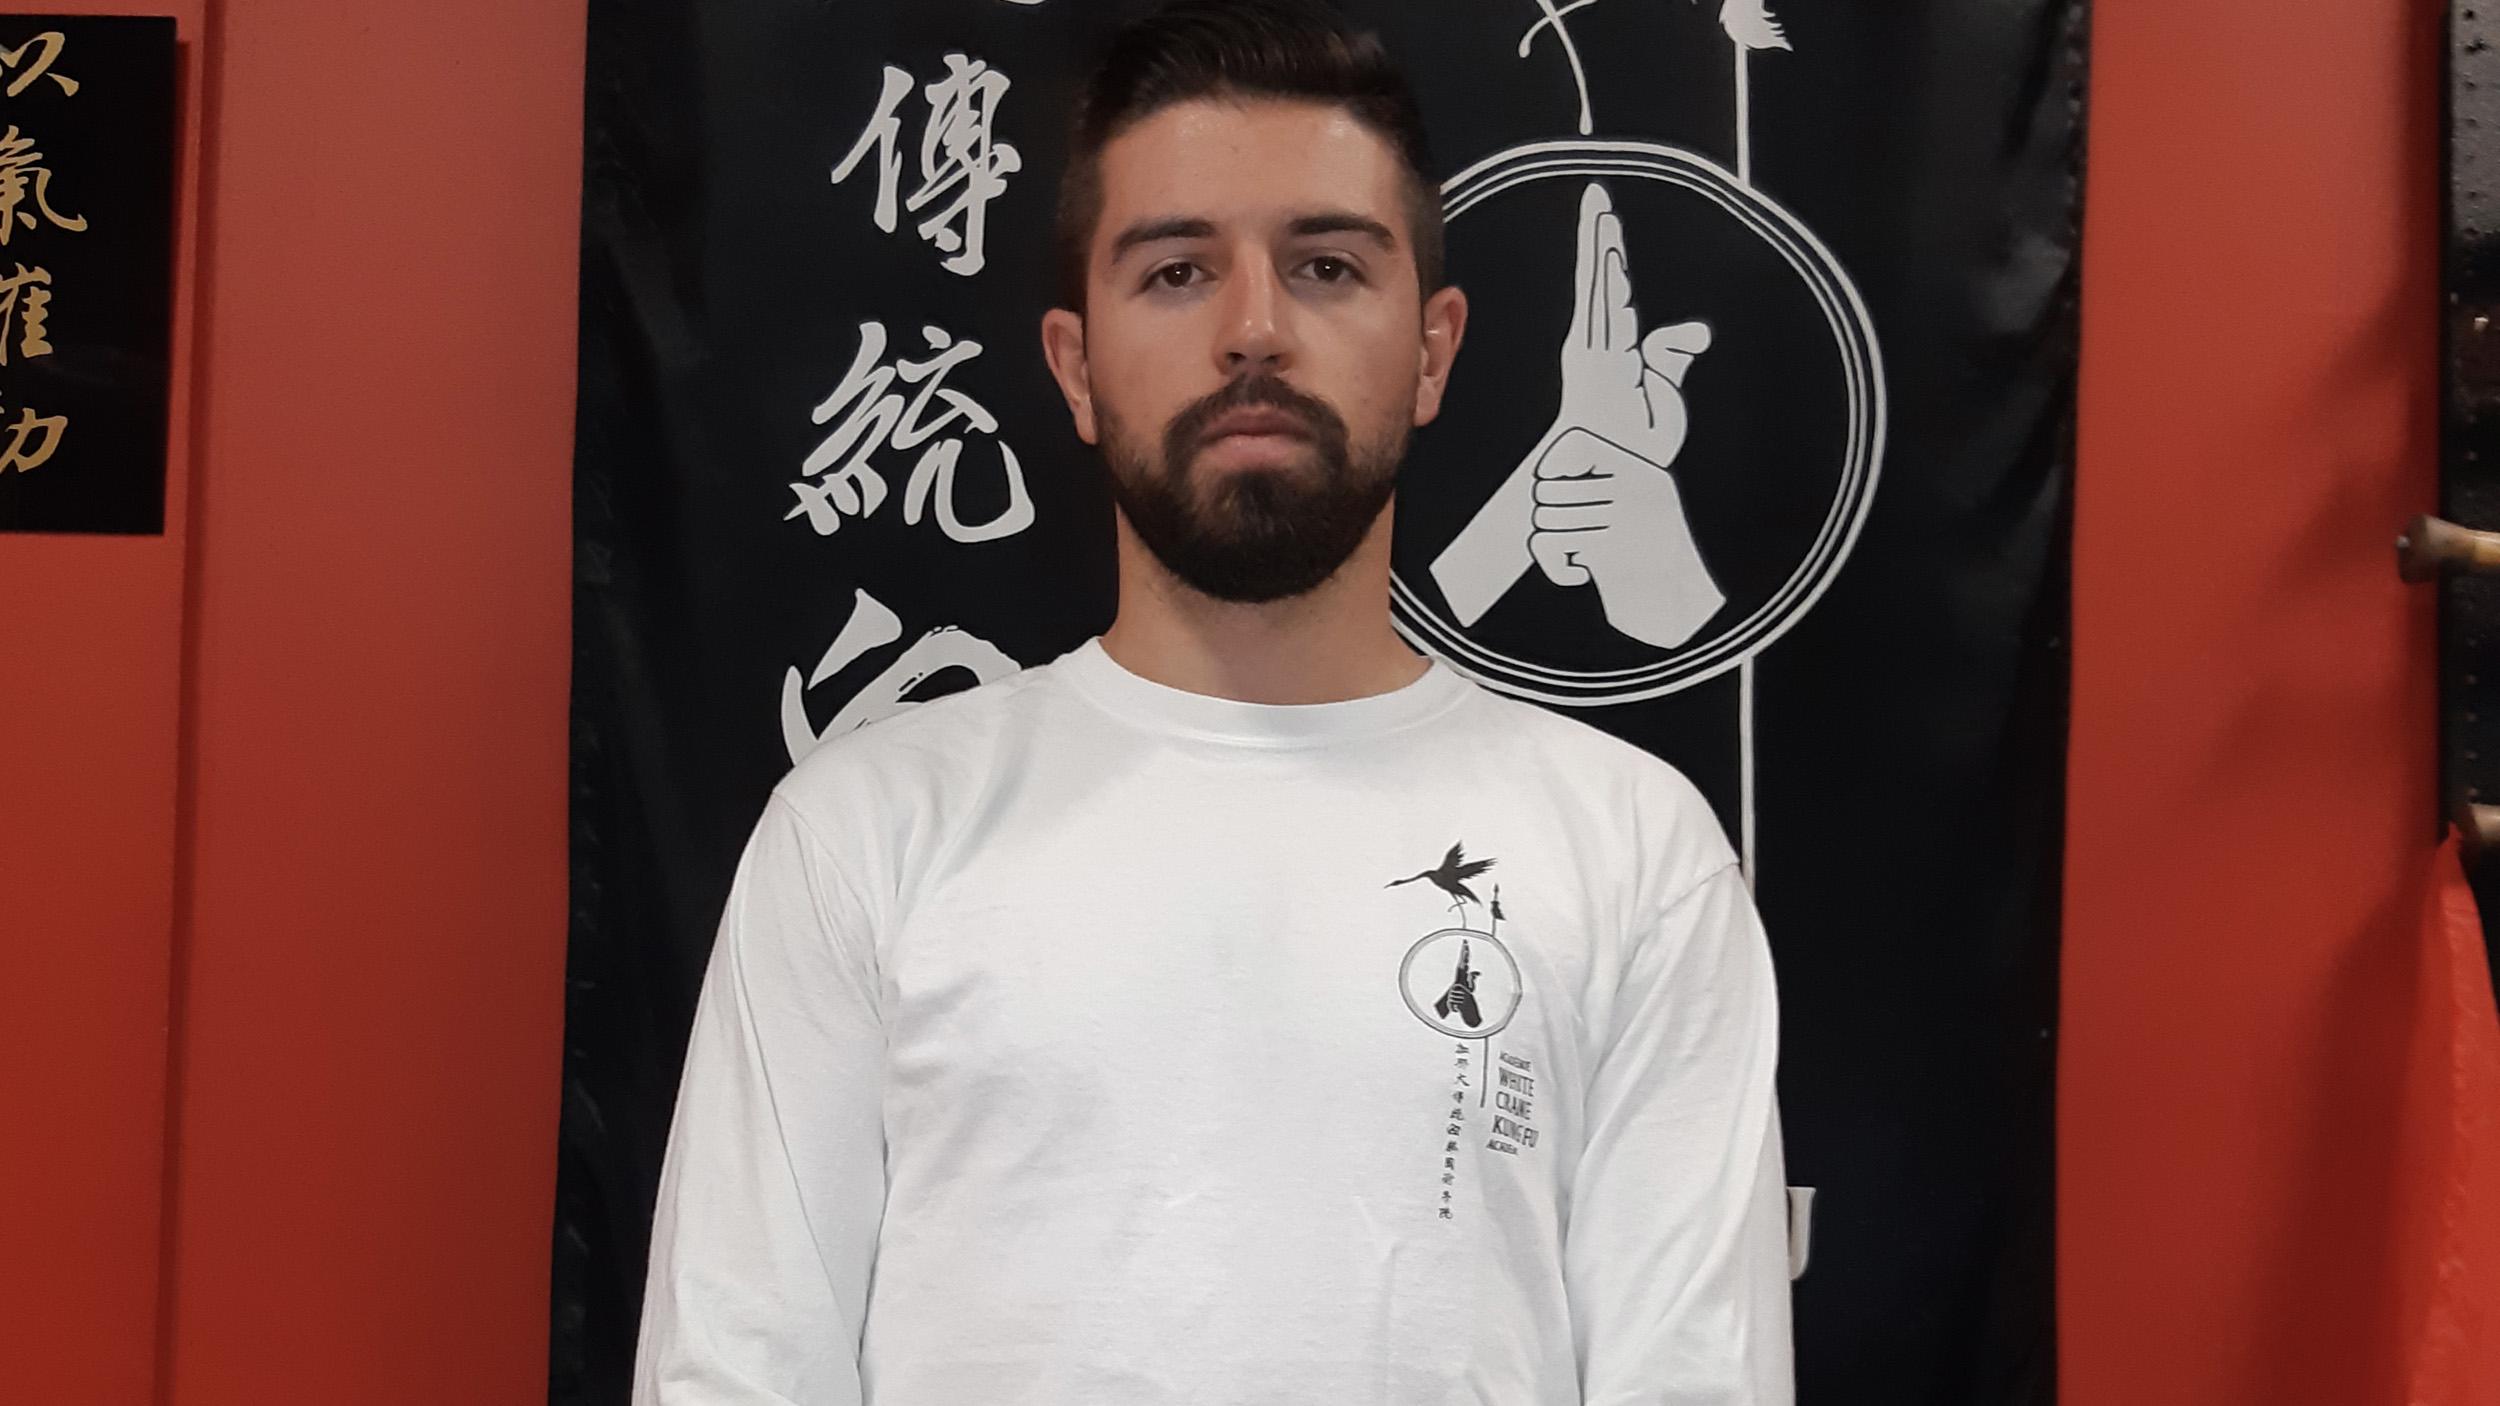 Jiao Lien Alexandros Giorgas - Enseigne depuis 2017